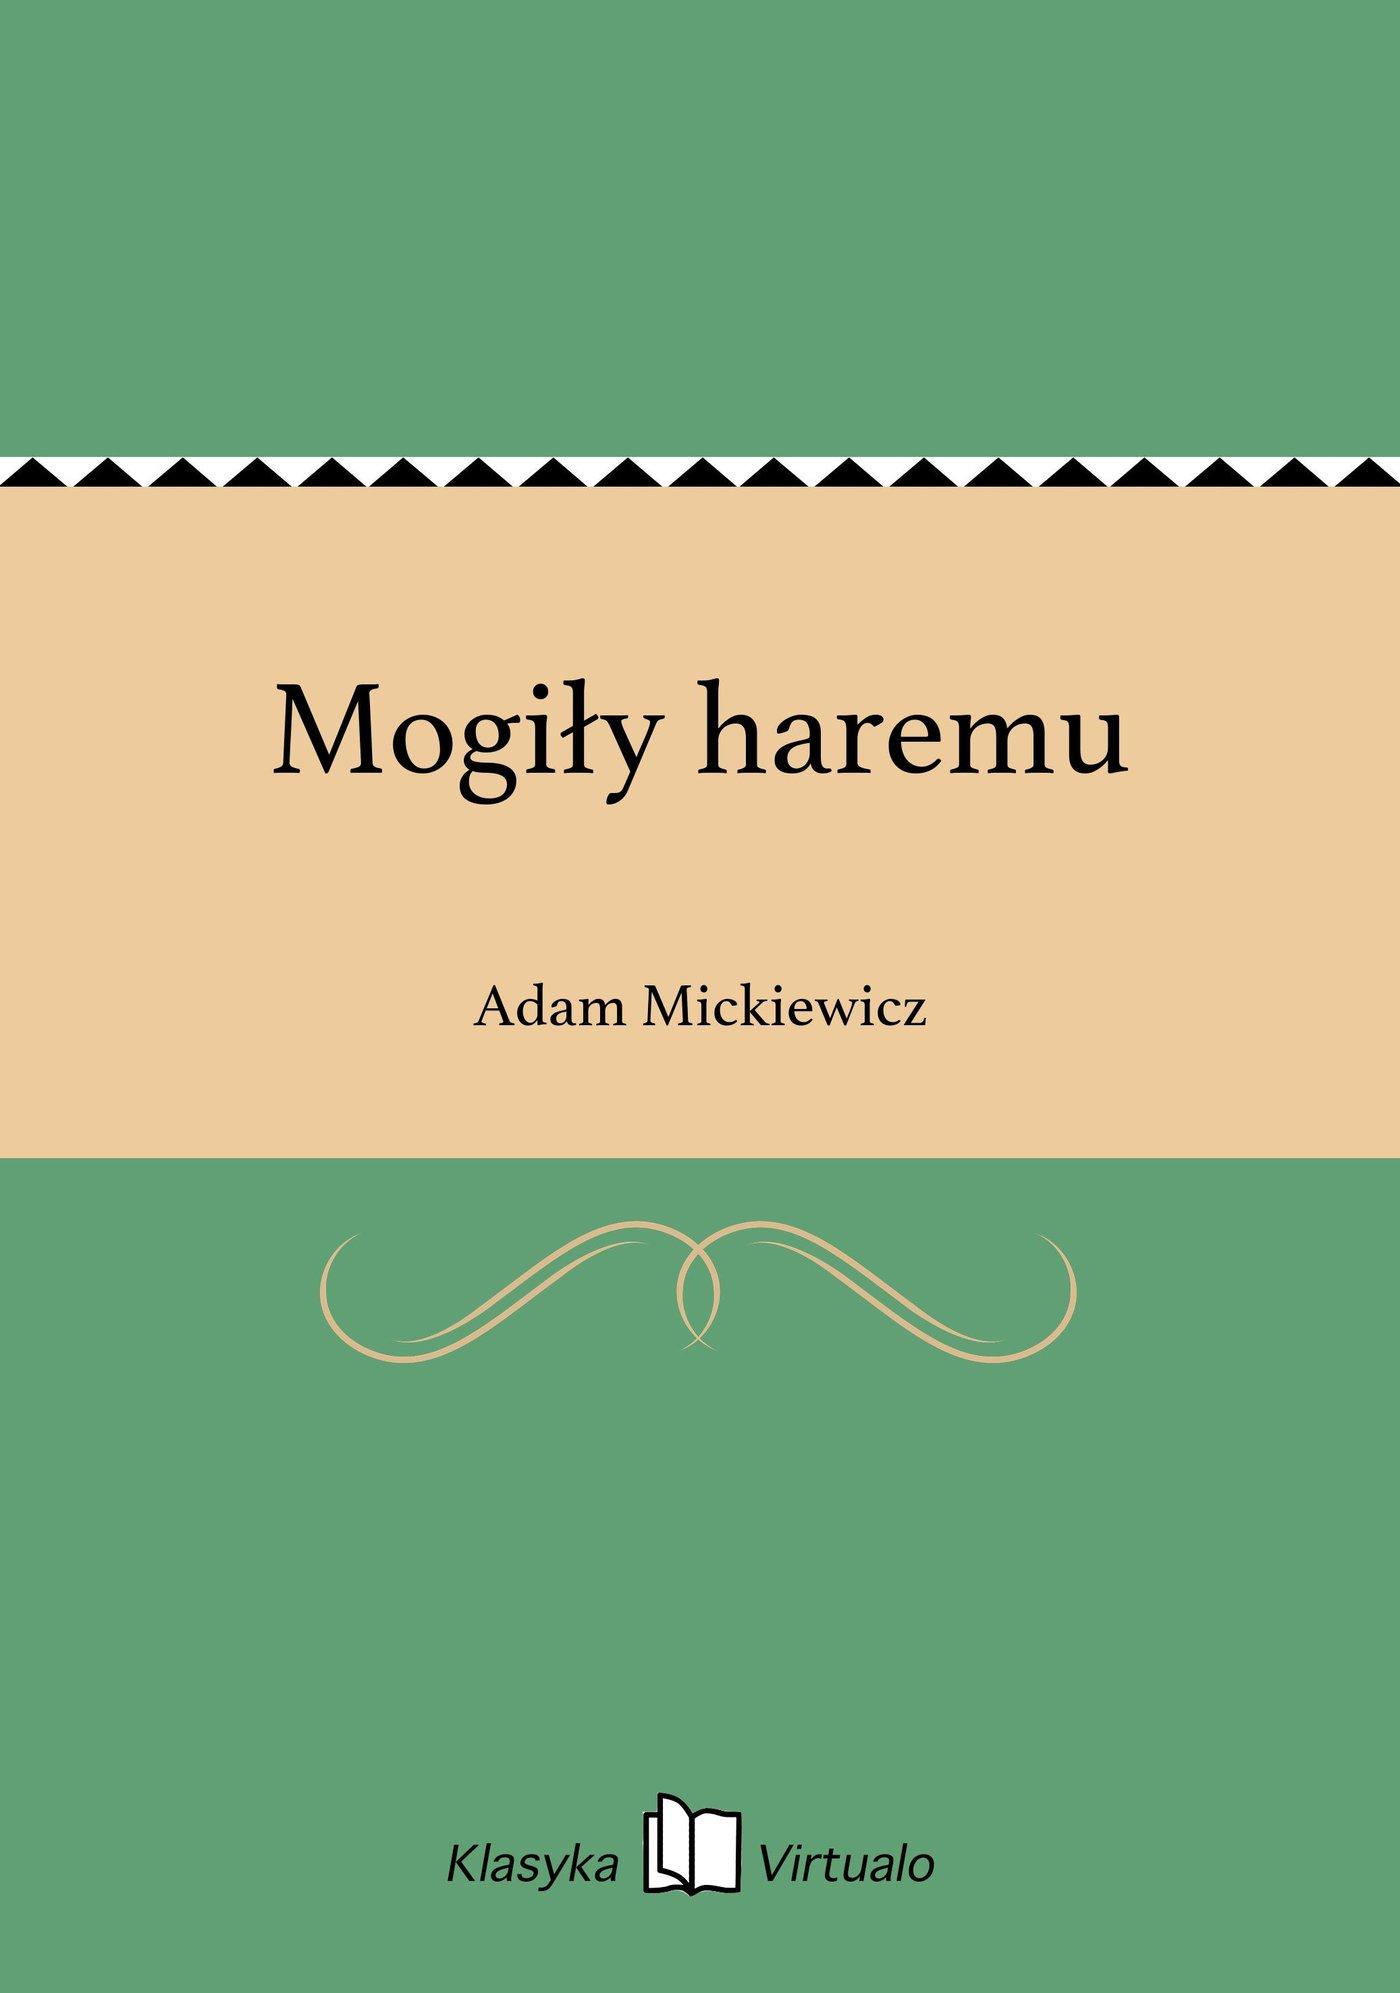 Mogiły haremu - Ebook (Książka EPUB) do pobrania w formacie EPUB